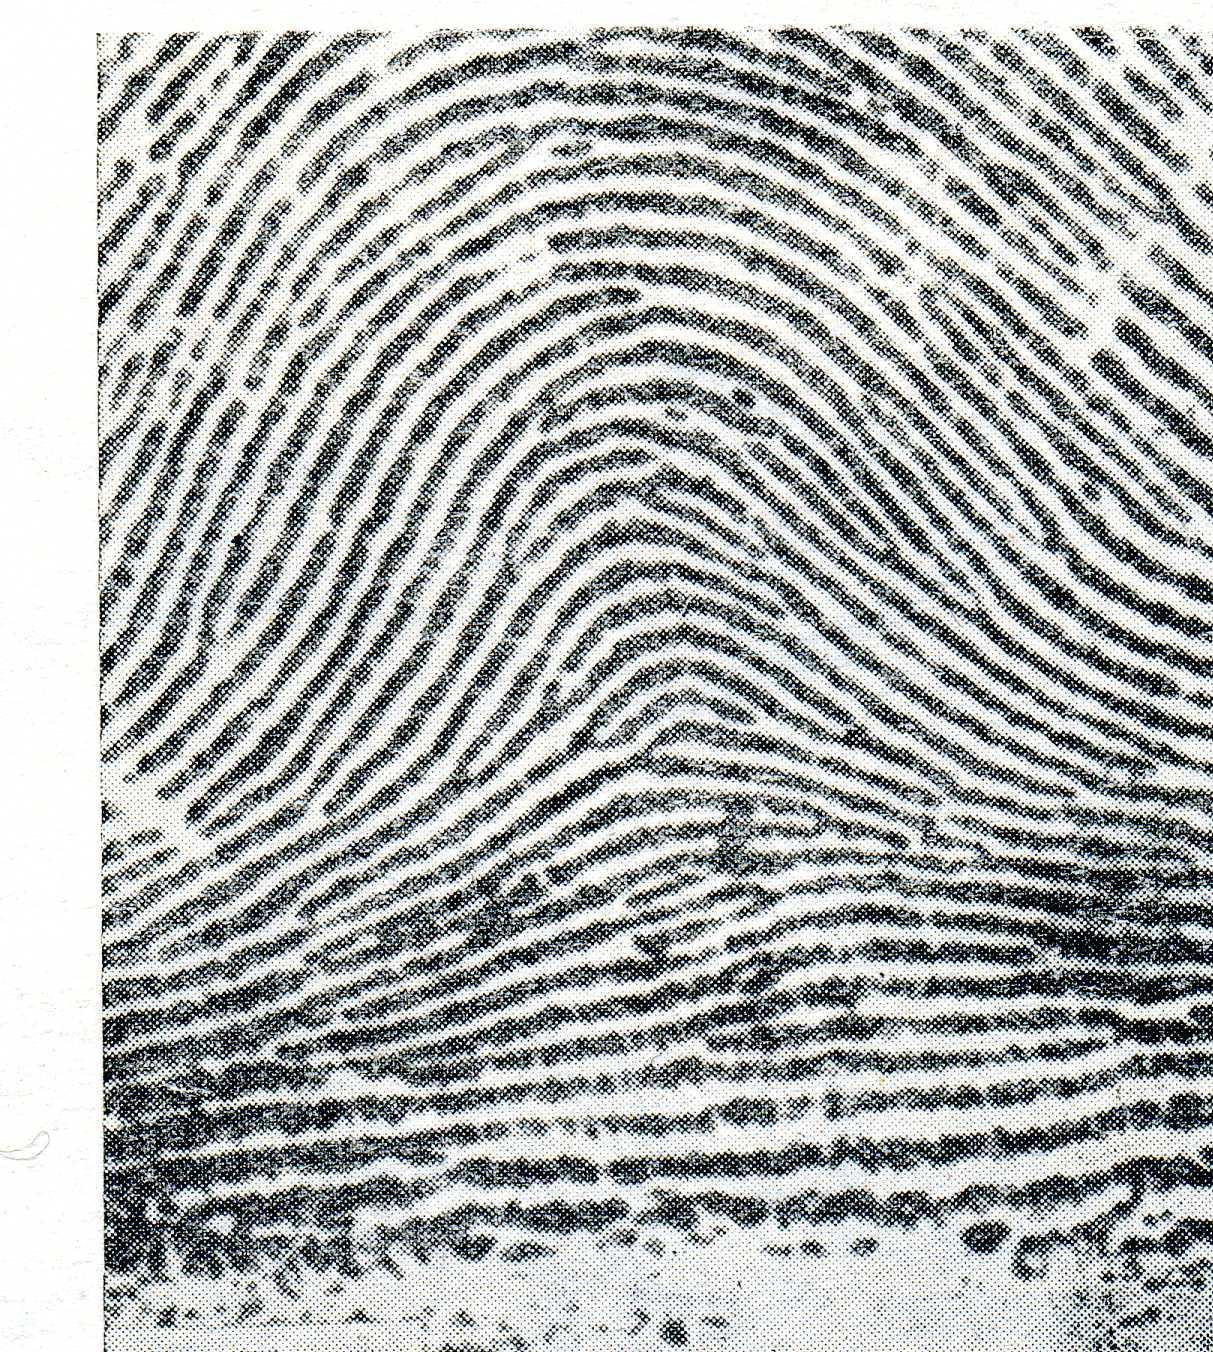 типы папиллярных узоров пальцев рук картинки бумаги красивая, простая